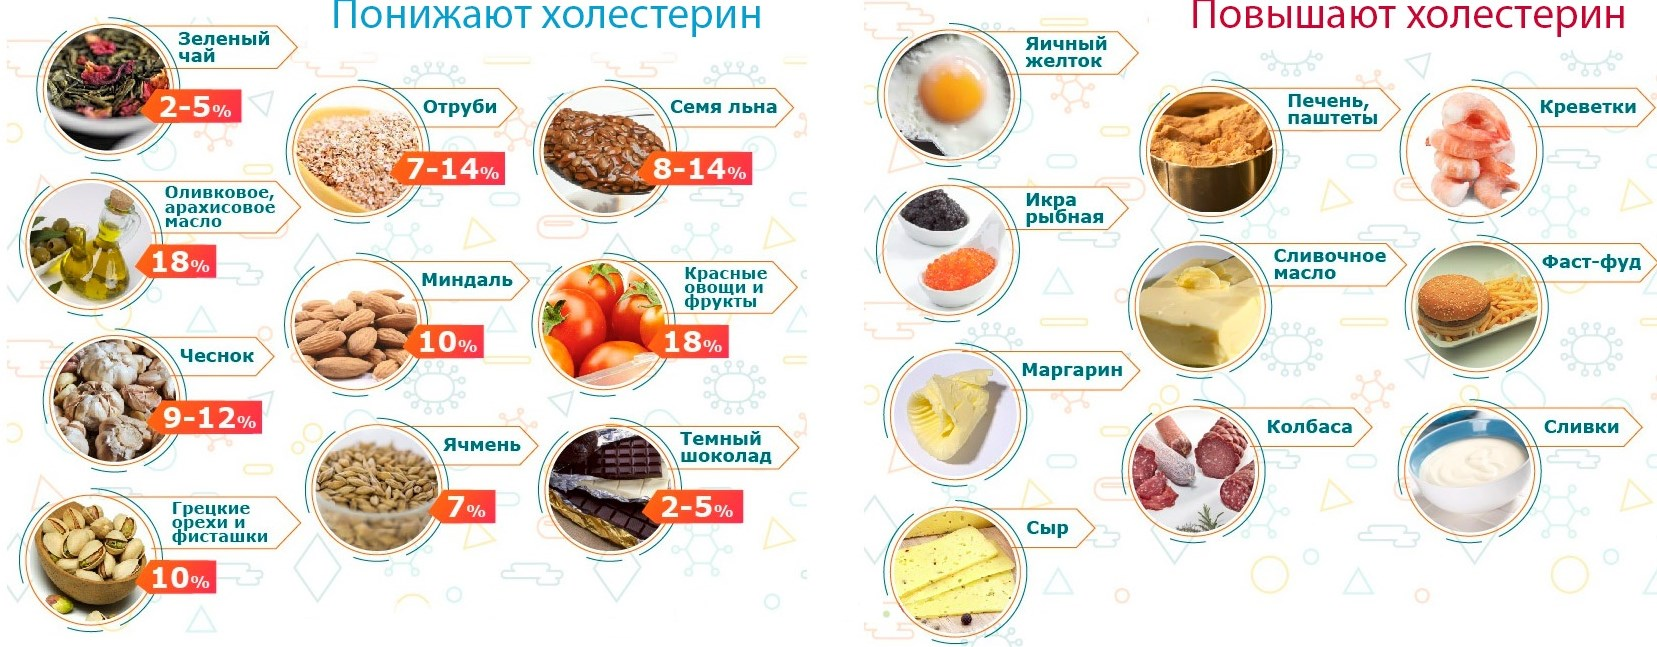 Продукты от холестерина